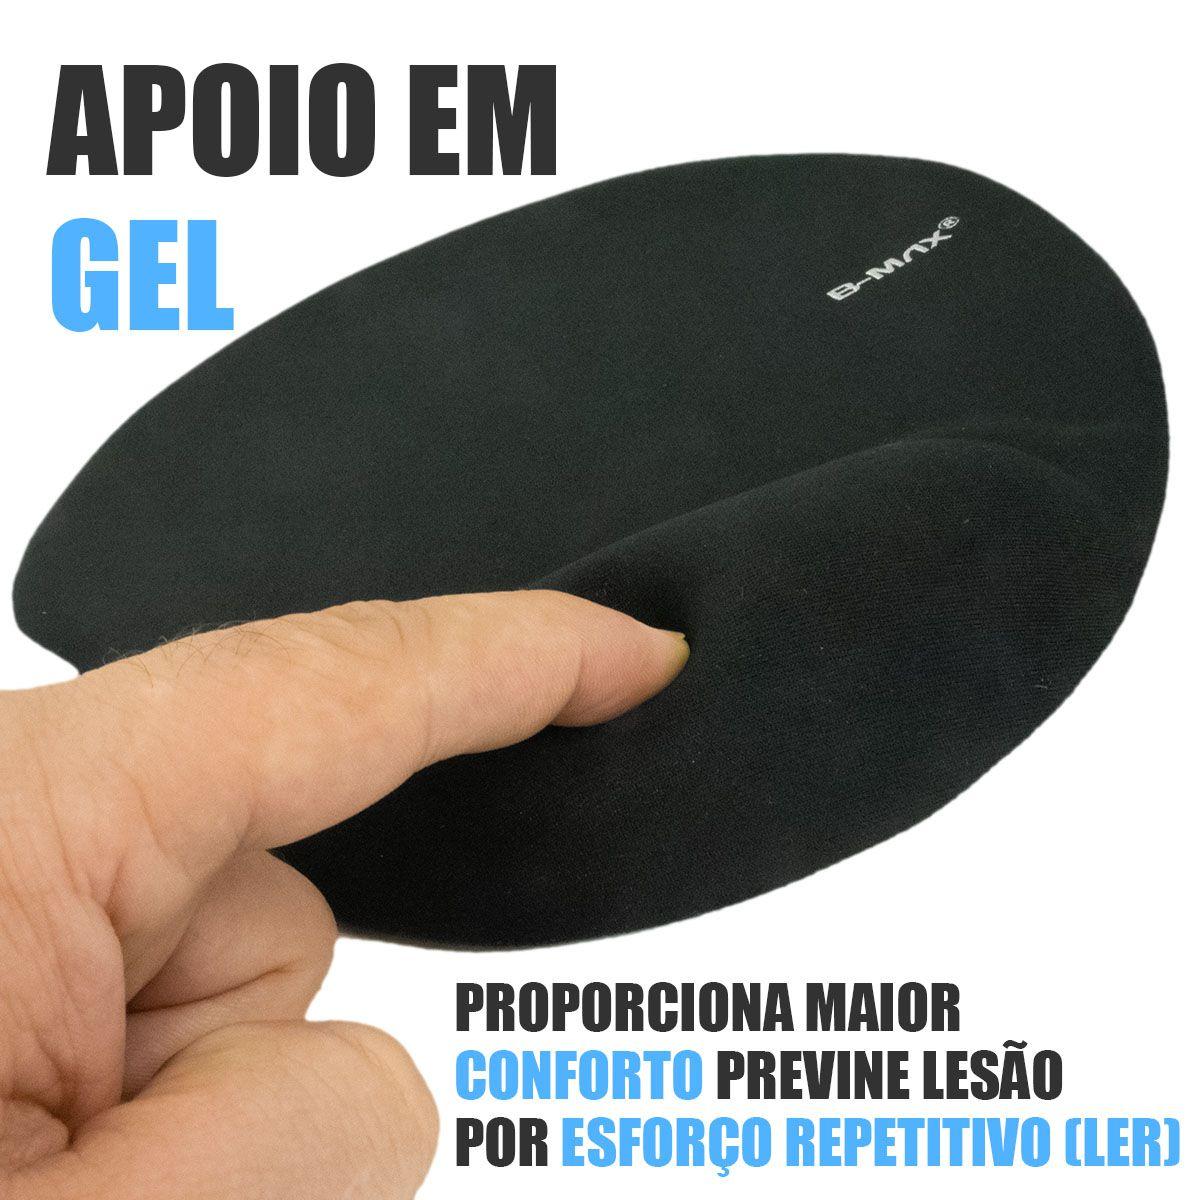 KIT 2x Mouse Pad com Apoio de Pulso em Gel Confort B-Max BM751